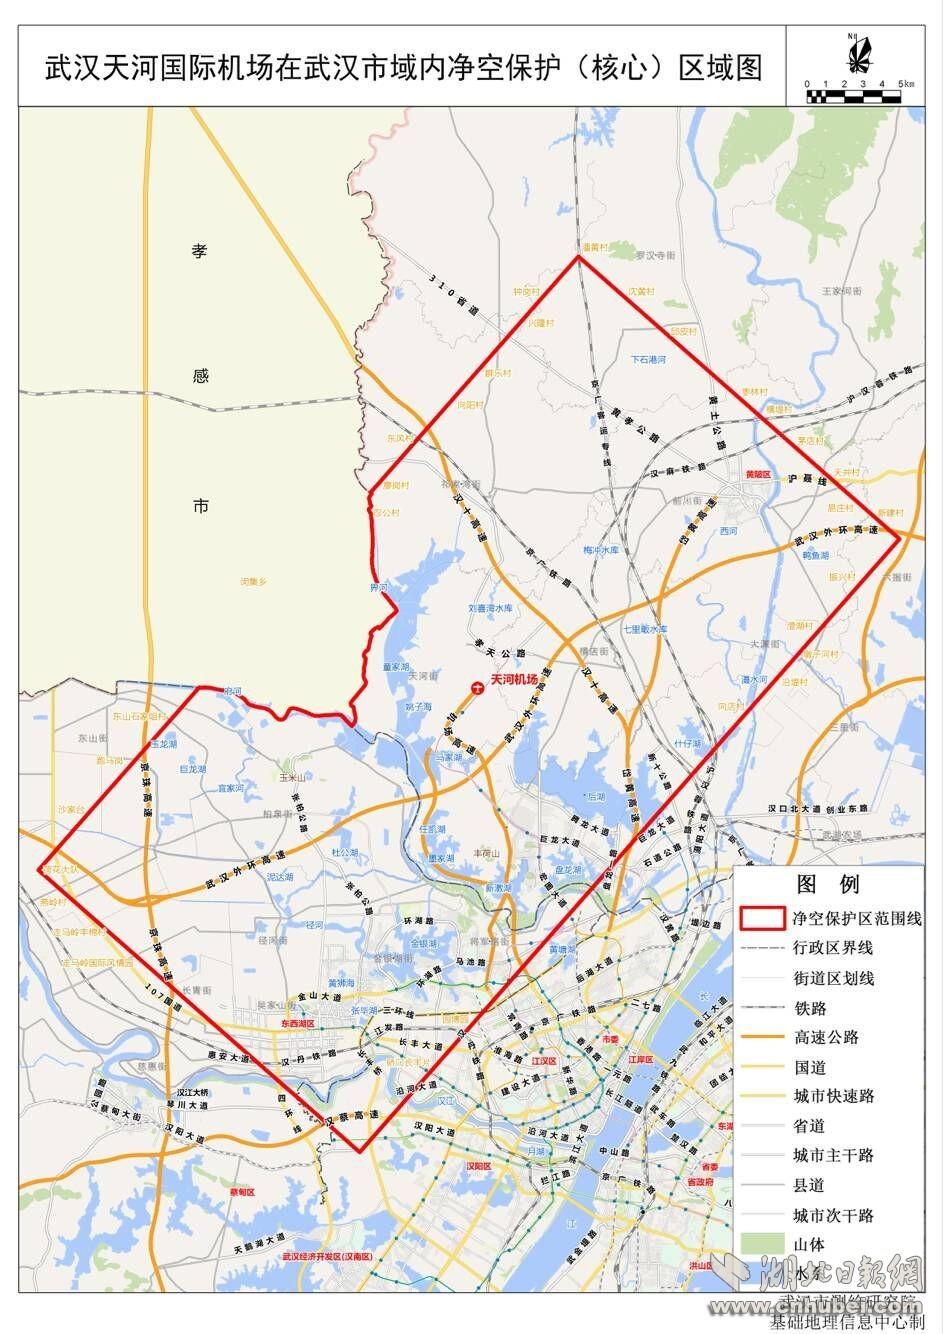 天河机场划定无人机禁飞区 涉及武汉四城区及